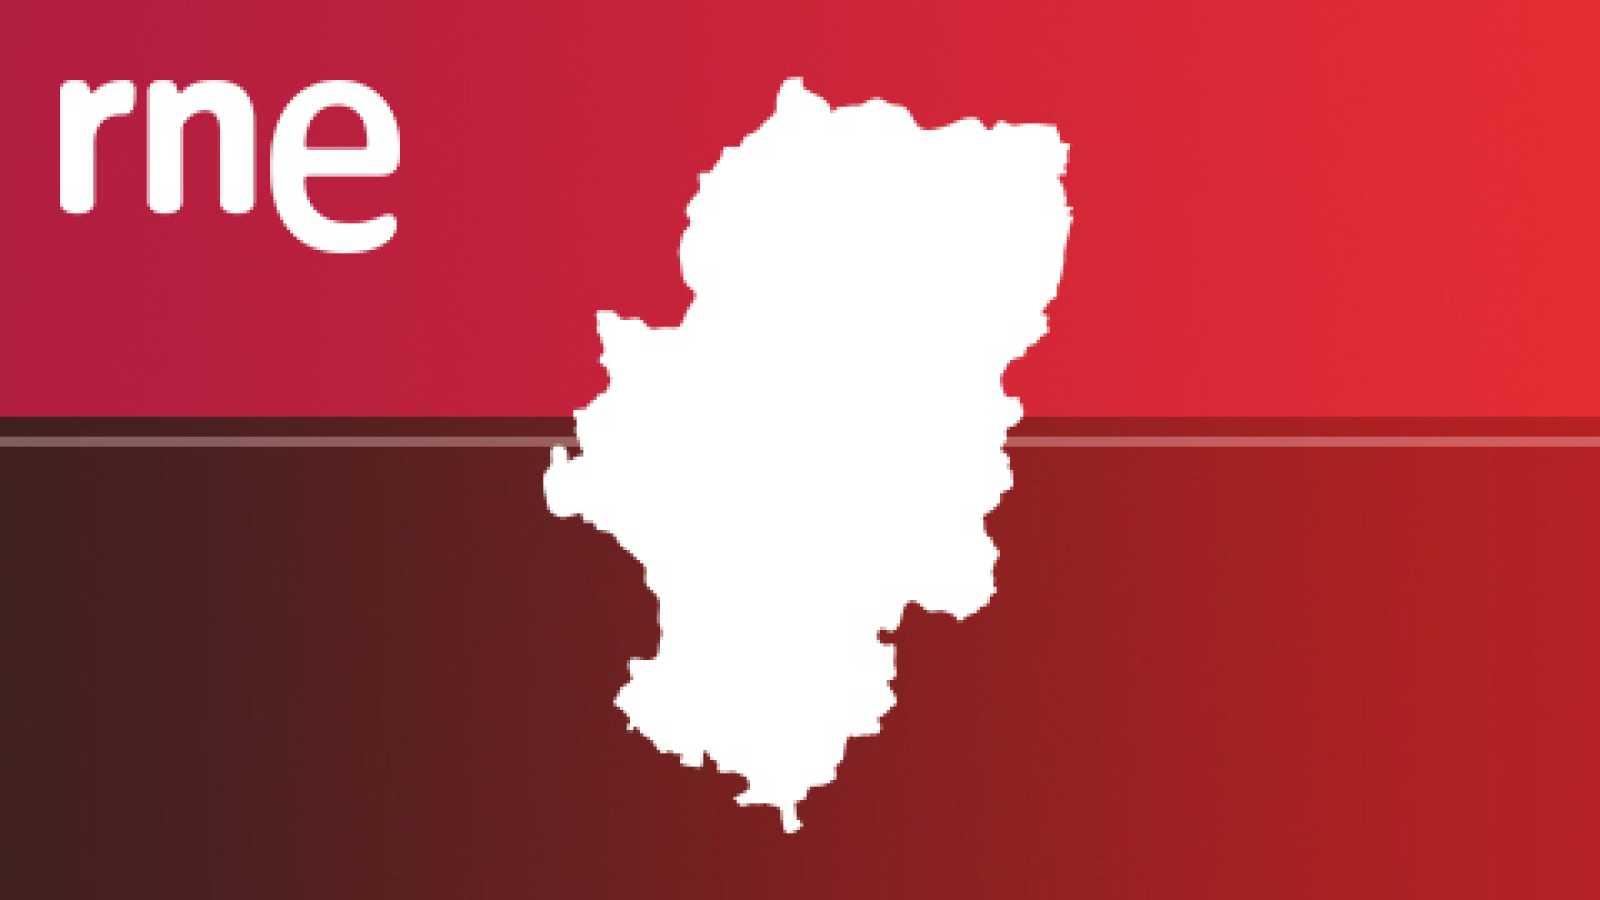 Crónica Aragón 13.10 - Los Reyes de España visitan San Juan de la Peña y Jaca donde se han reunido con representantes del sector turístico. - 08/07/2020 - Escuchar ahora